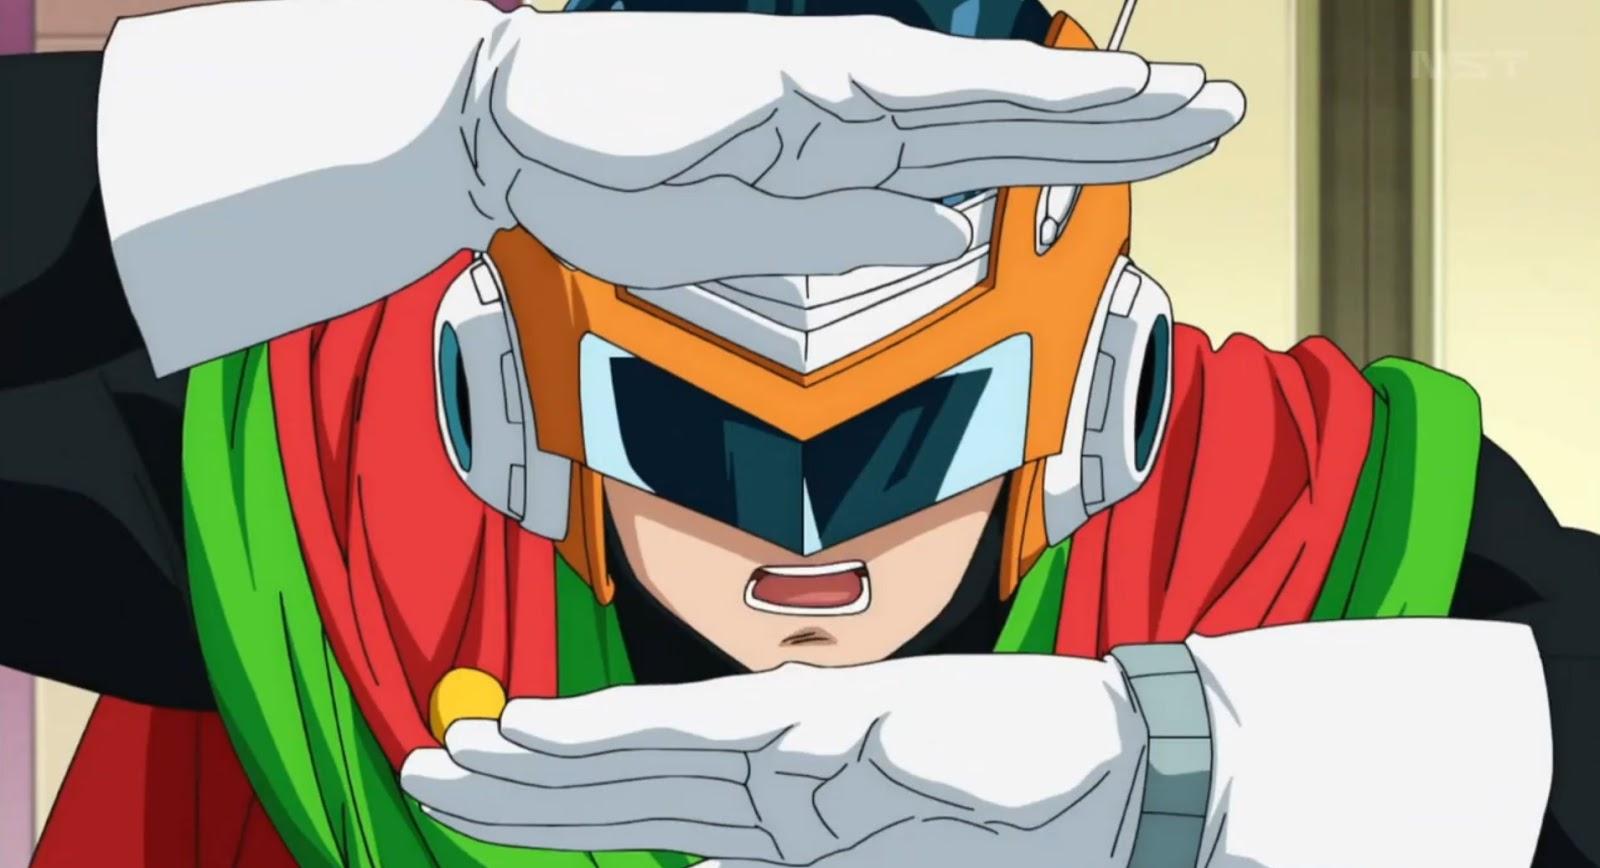 Dragon Ball Super Dublado Episódio 17, Assistir Dragon Ball Super Dublado Episódio 17, Dragon Ball Super Dublado , Dragon Ball Super Dublado - Episódio 17,